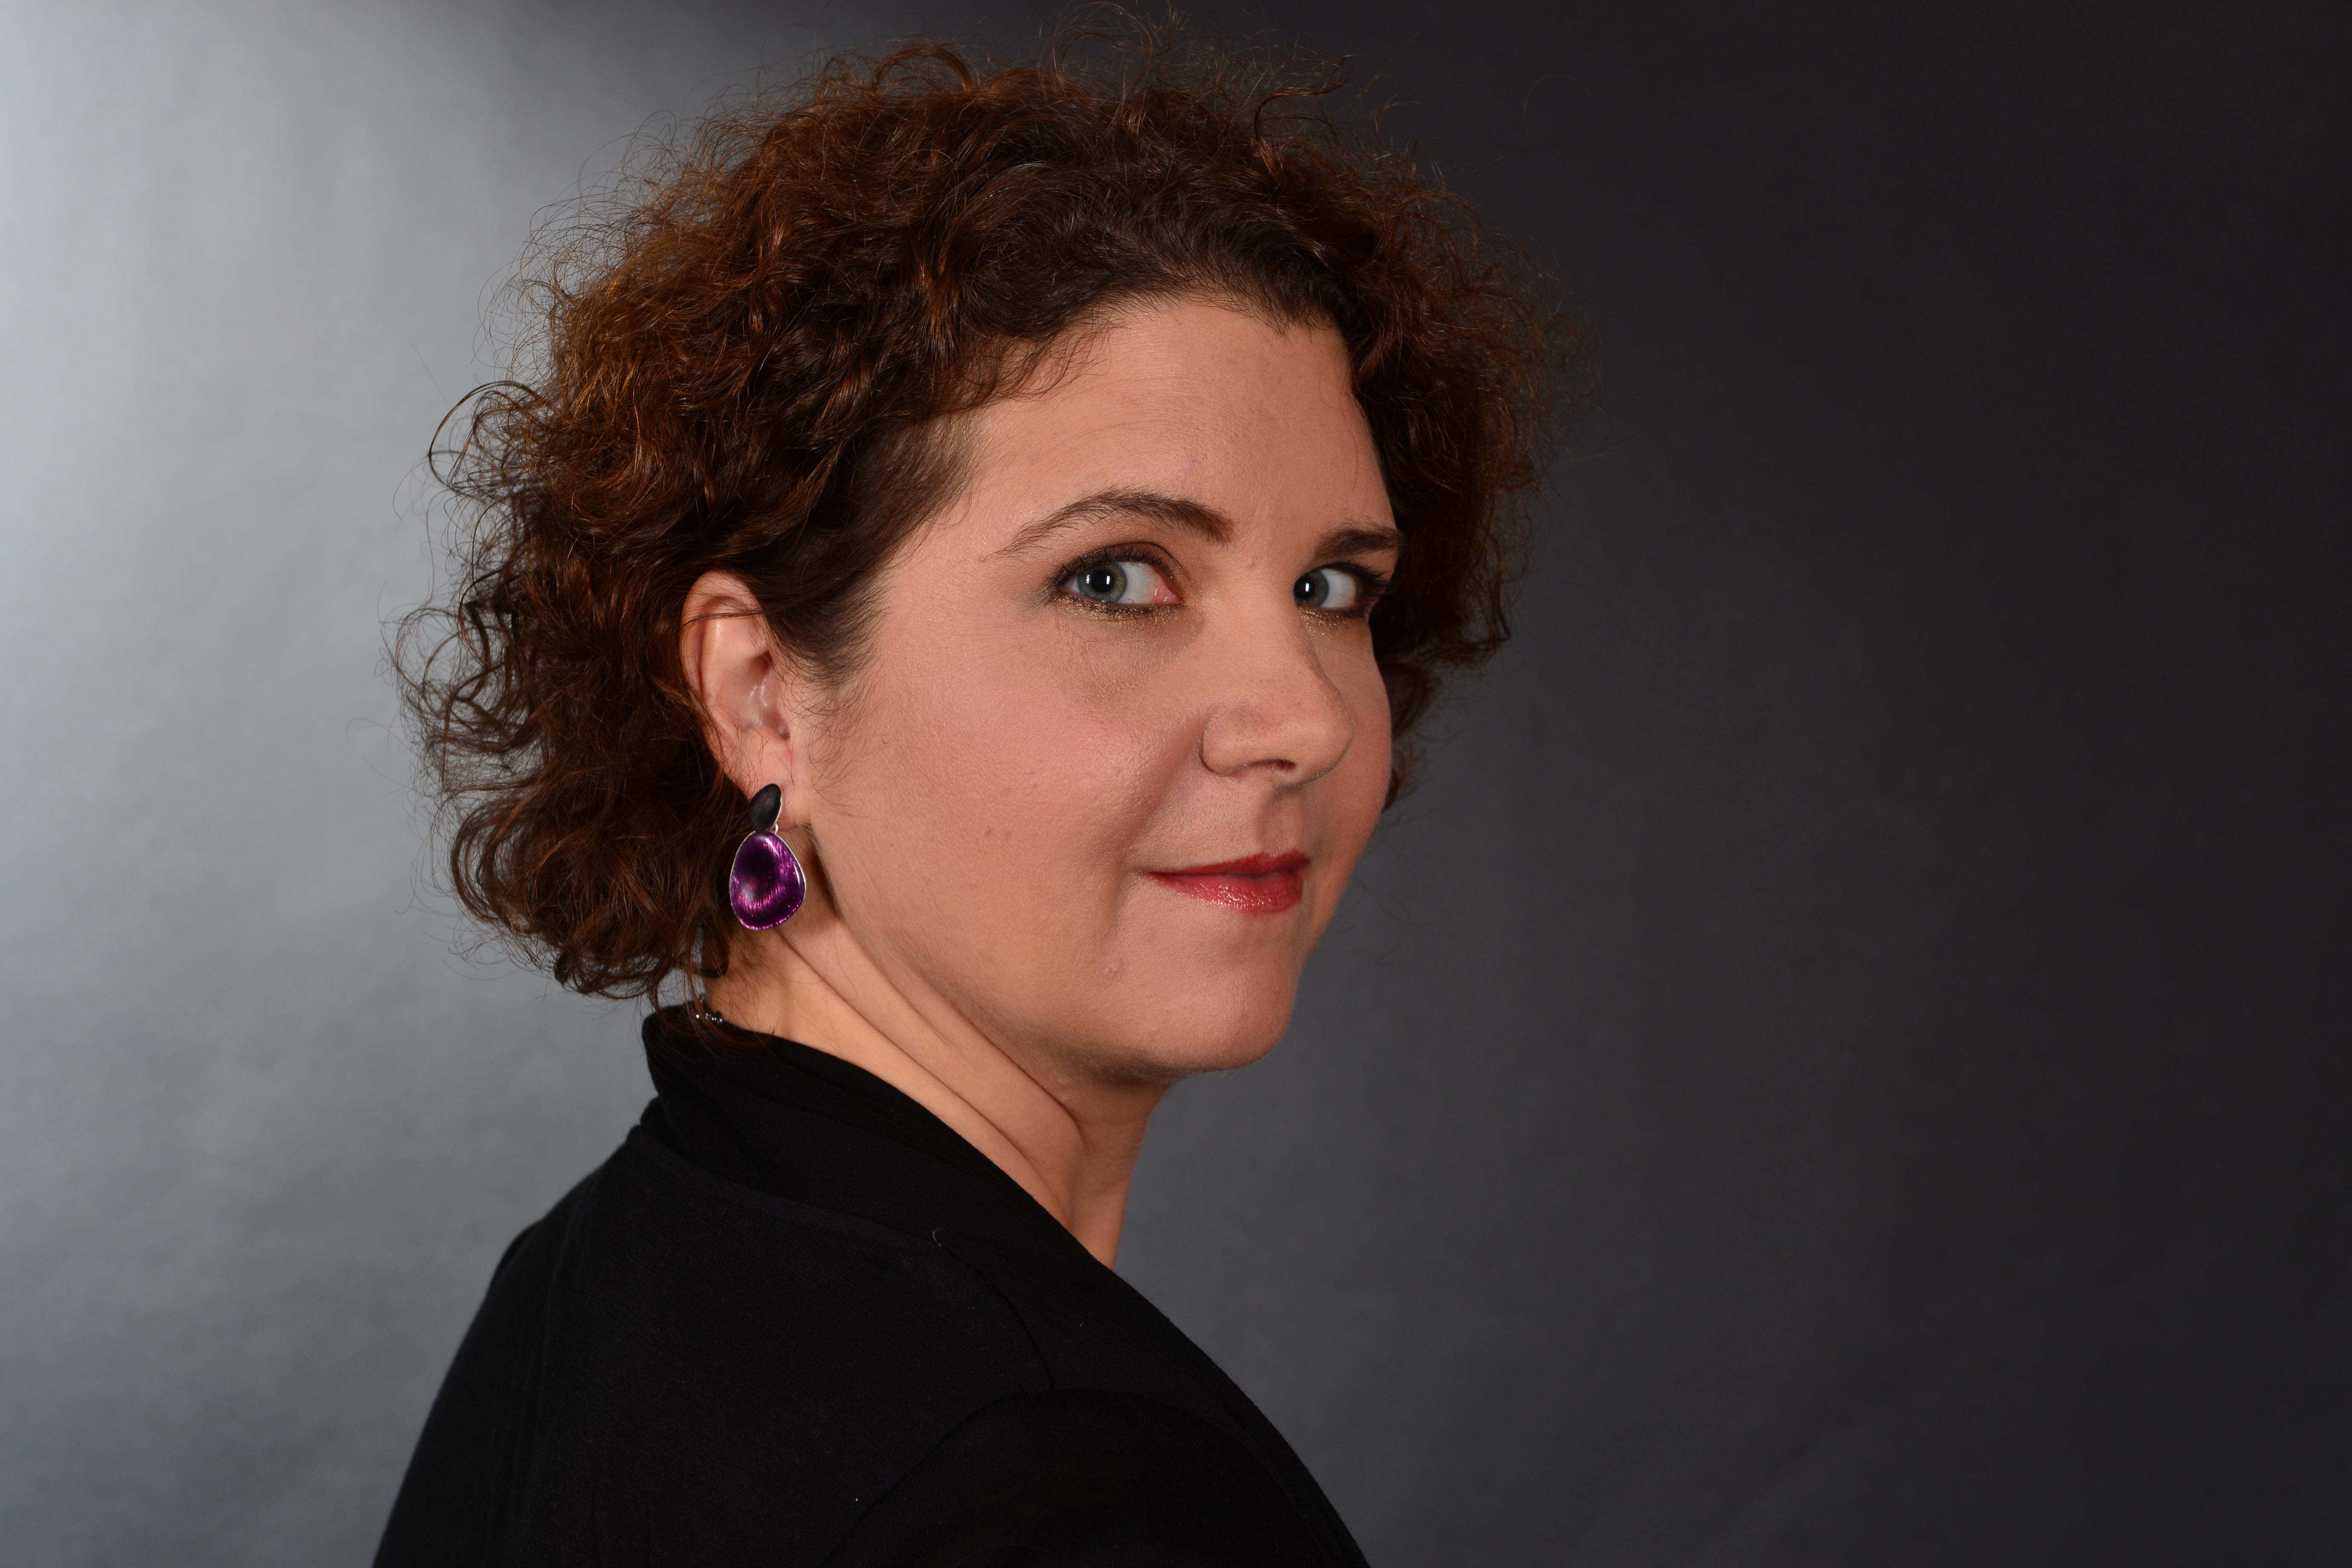 Barbara Schindler schreibt ihre Texte